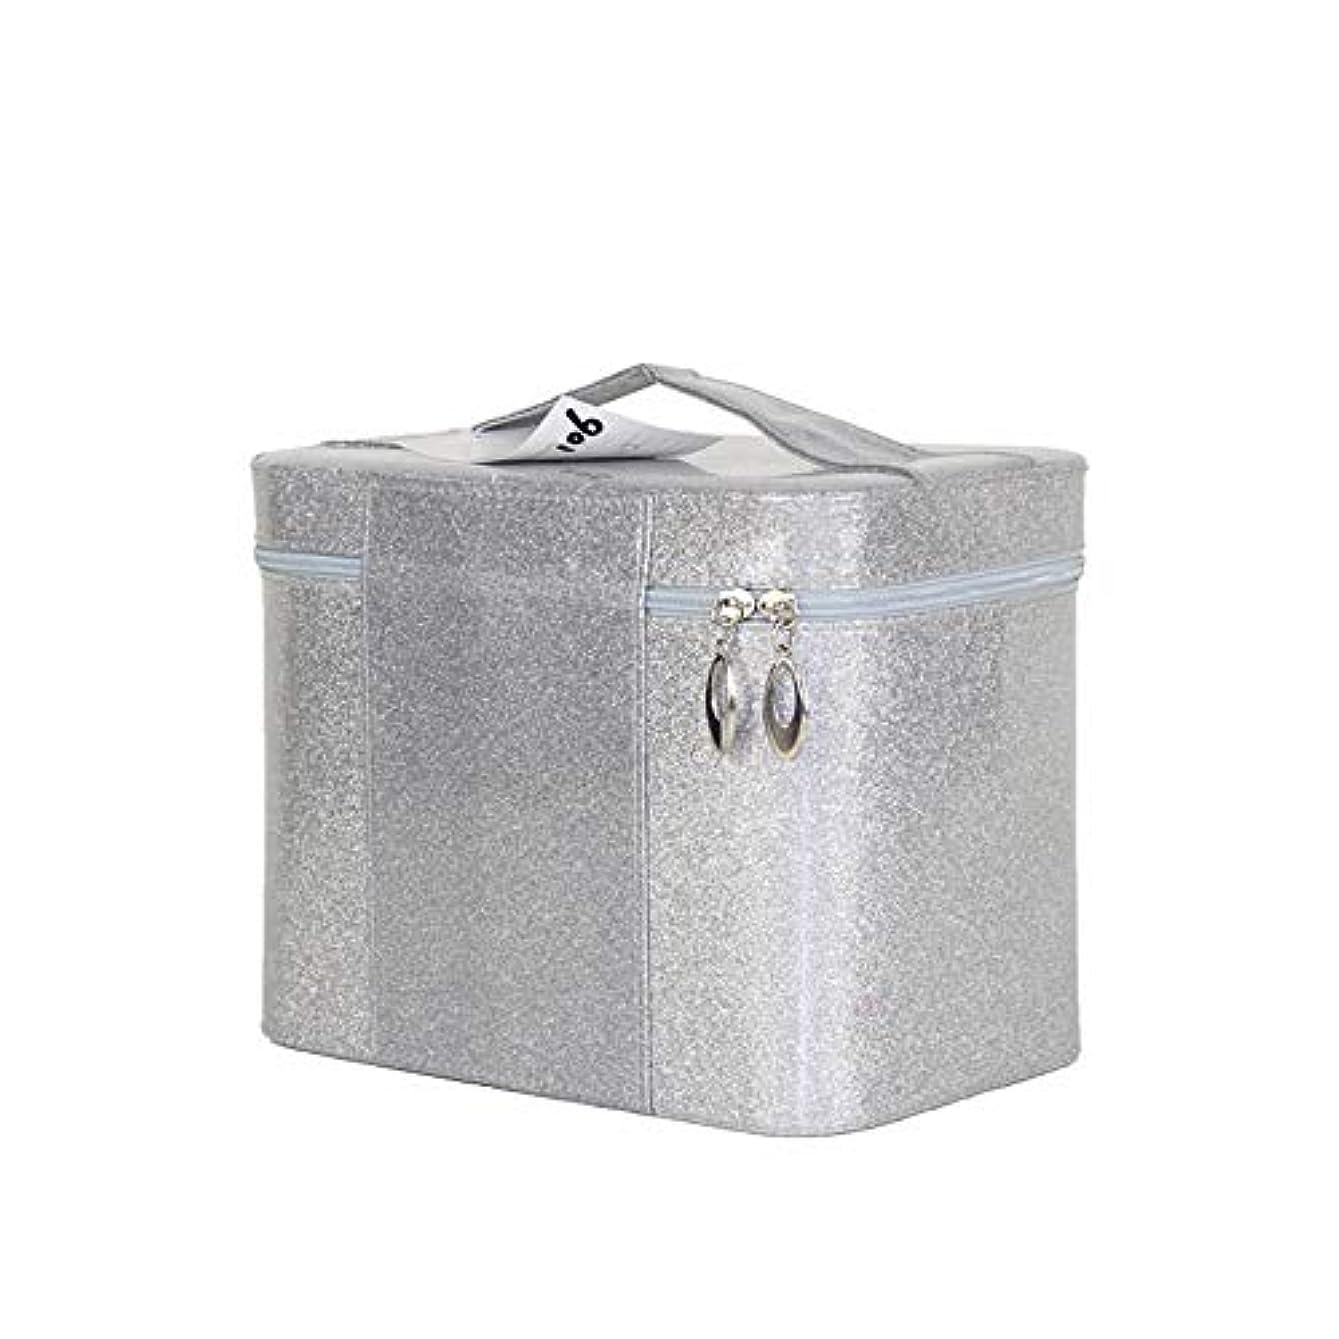 リズミカルな受粉する過度の化粧オーガナイザーバッグ ジッパーで小さなものの種類のための旅行のための美容メイクアップのための純粋な色のポータブル化粧品バッグ 化粧品ケース